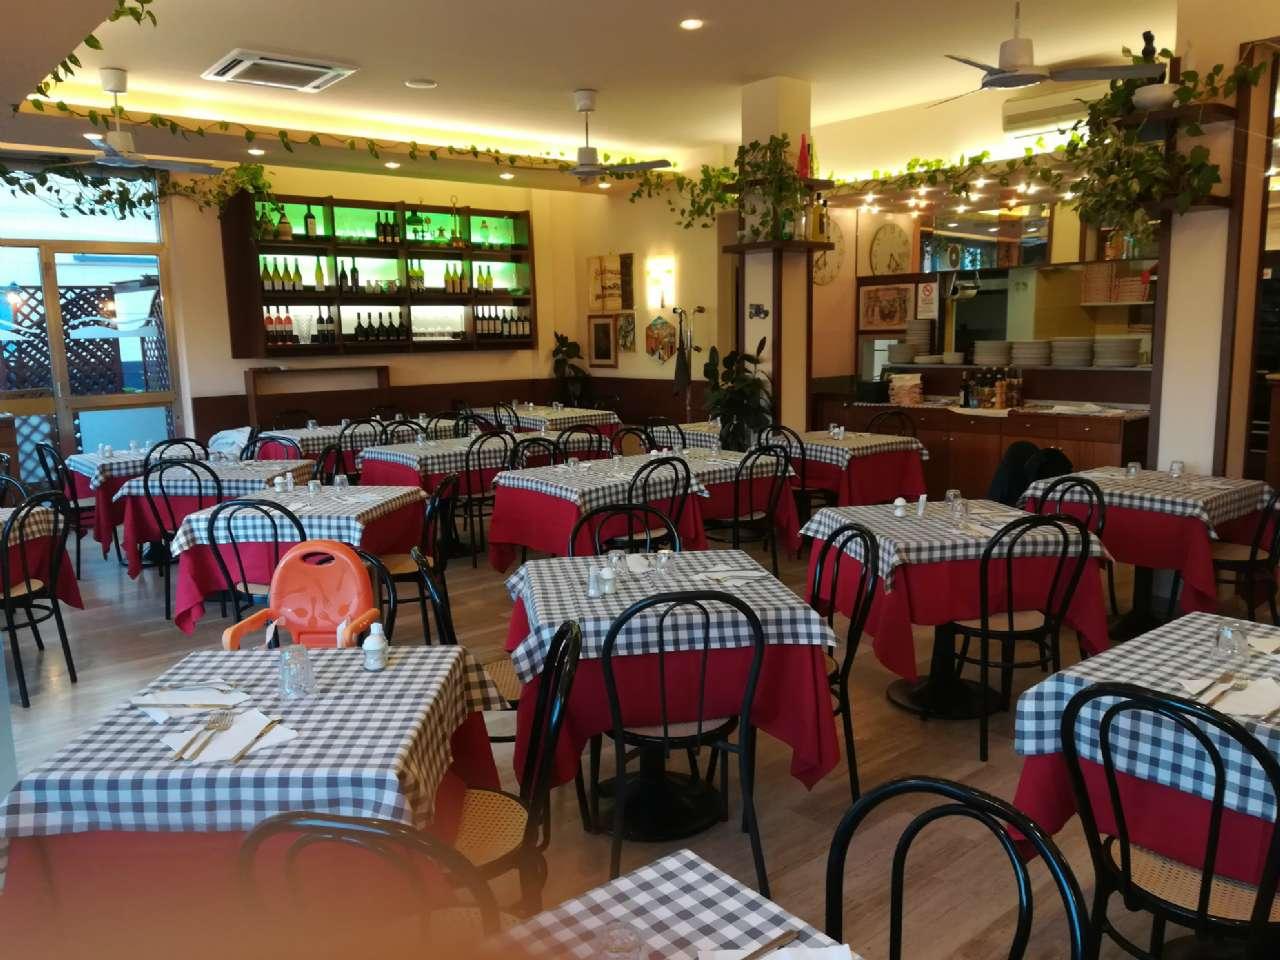 Ristorante / Pizzeria / Trattoria in vendita a Recco, 3 locali, Trattative riservate | CambioCasa.it